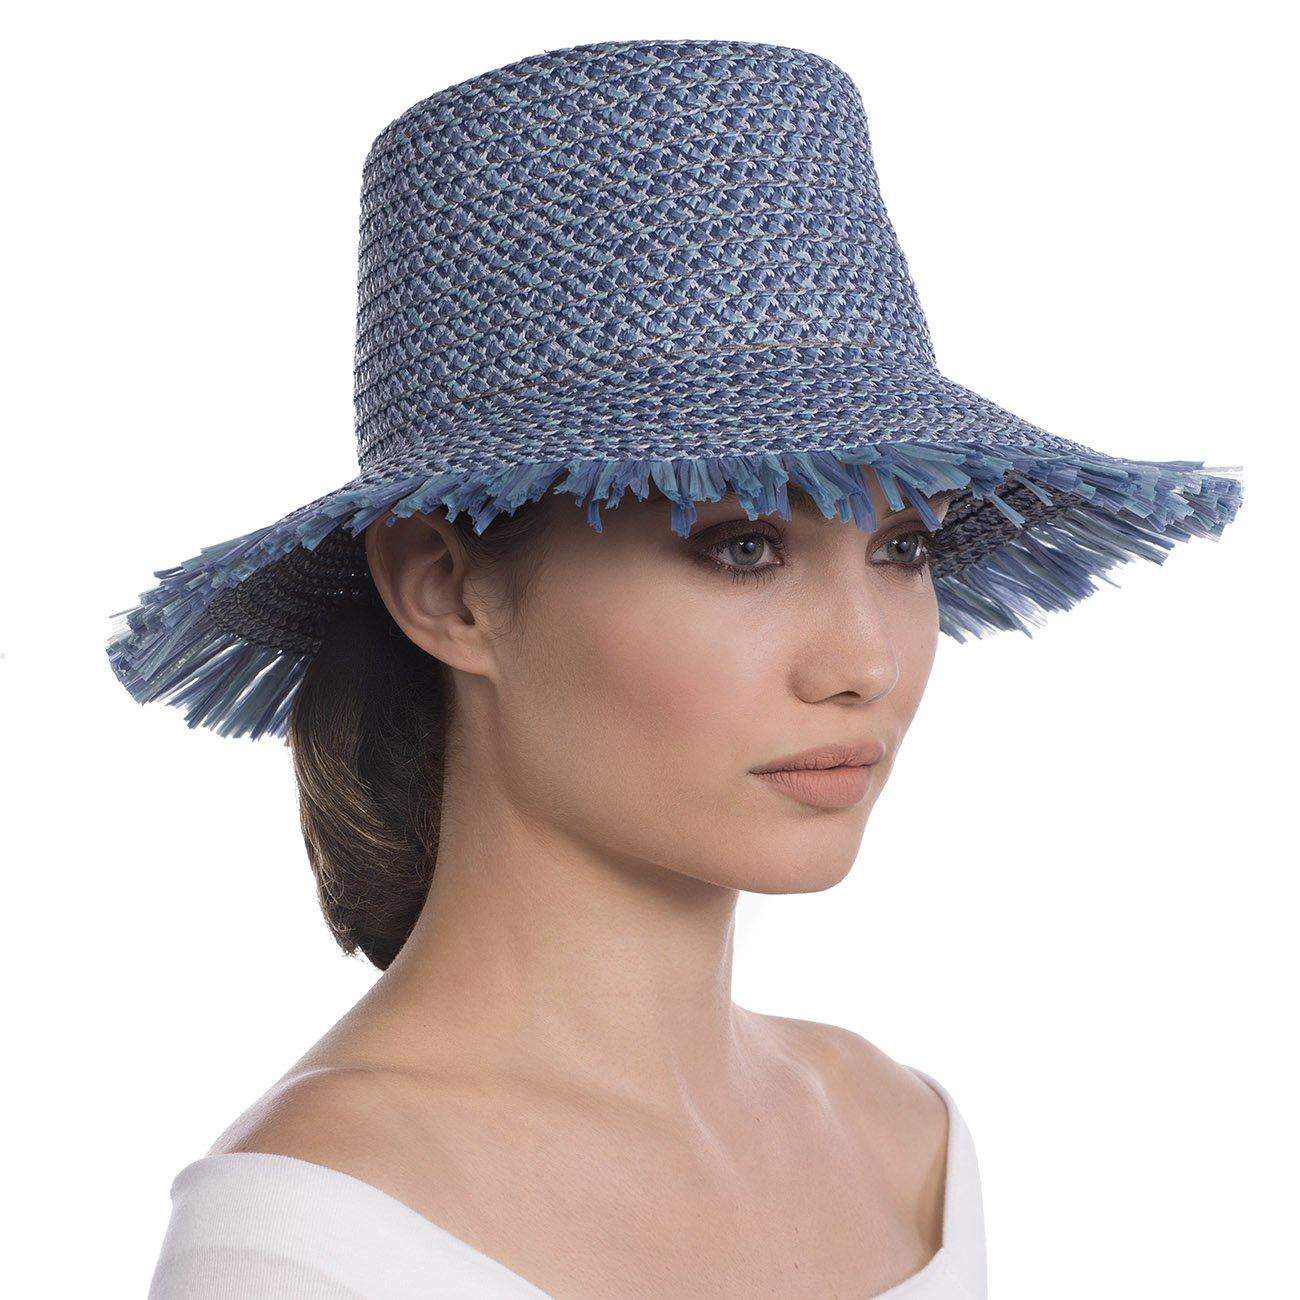 Eric Javits Luxury Fashion Designer Women's Headwear Hat - Tiki Bucket - Denim